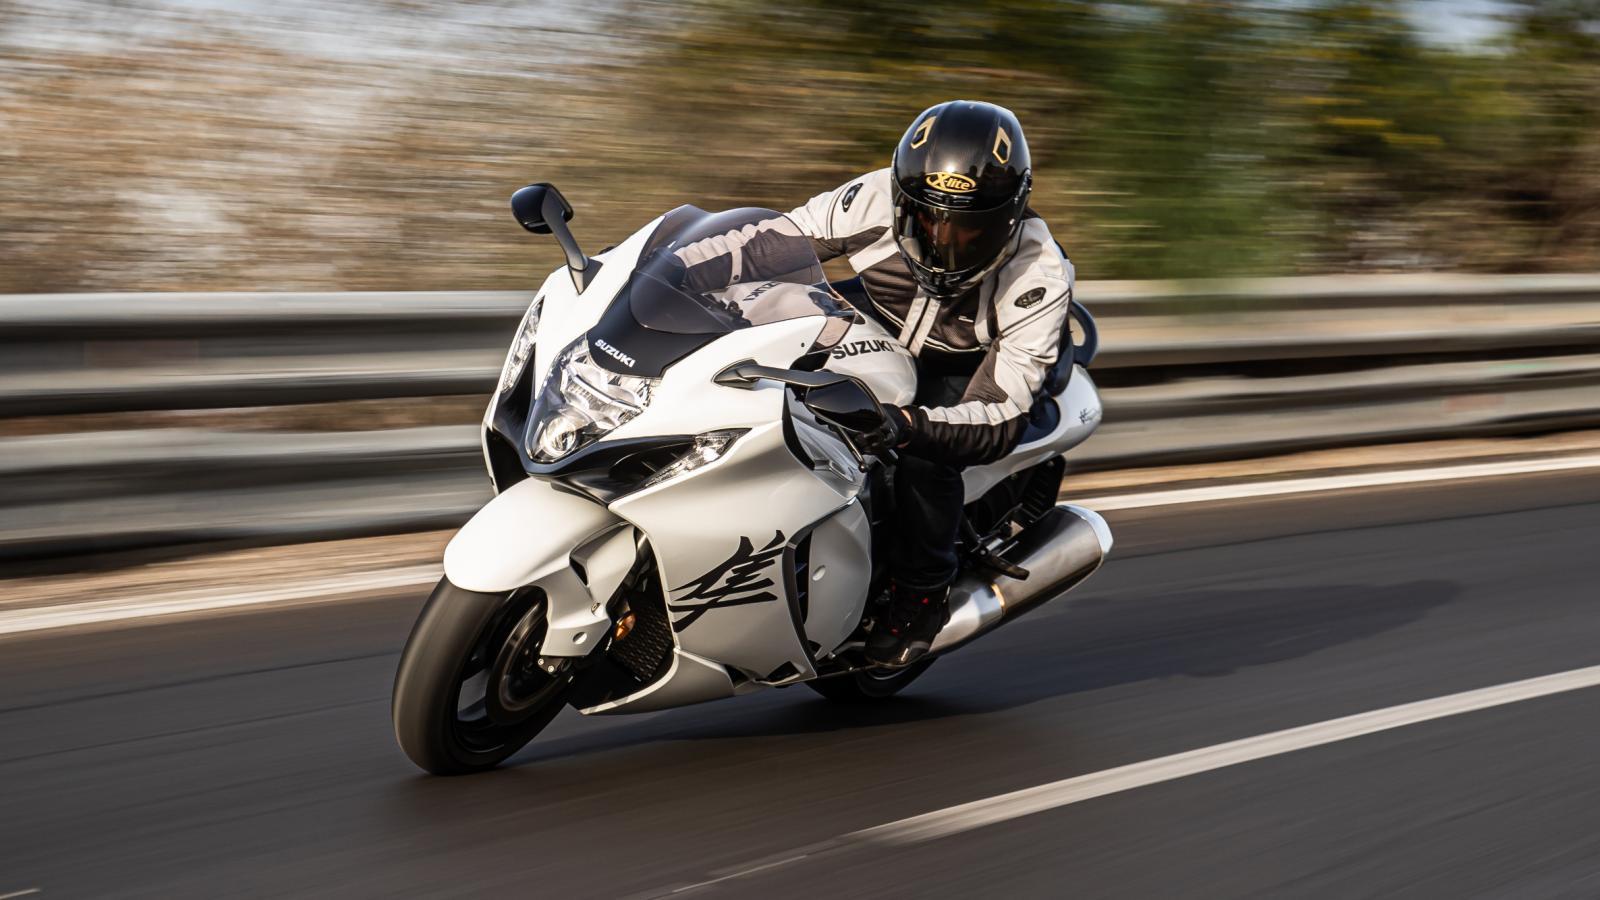 Ε.Ε.: «Έξυπνοι» περιοριστές ταχύτητας και στις μοτοσυκλέτες